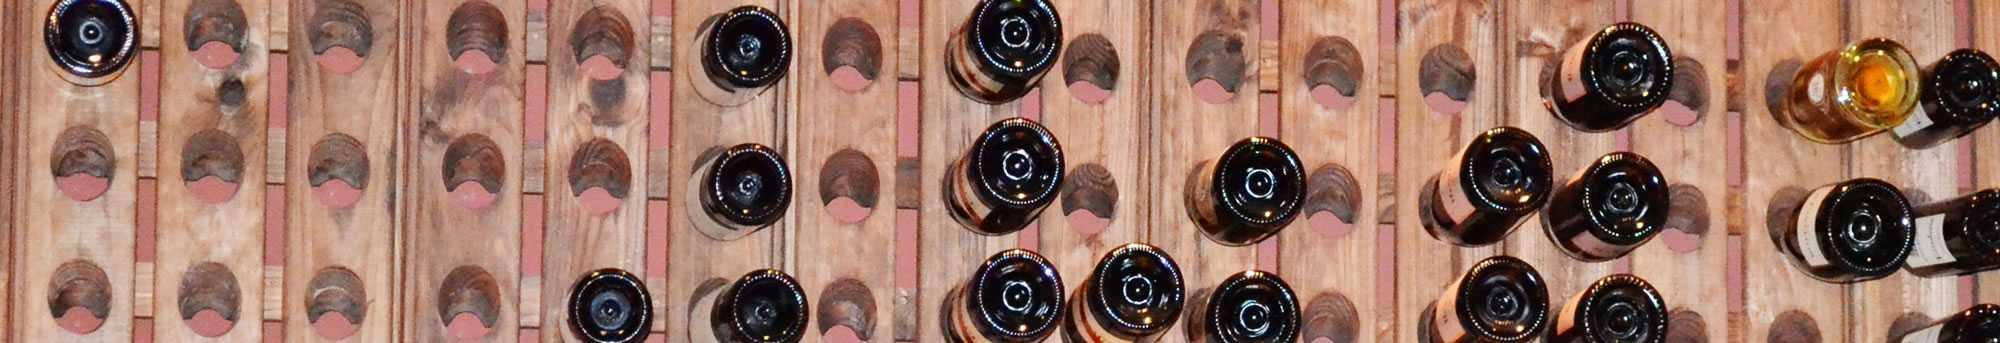 Cata de vinos Beatas